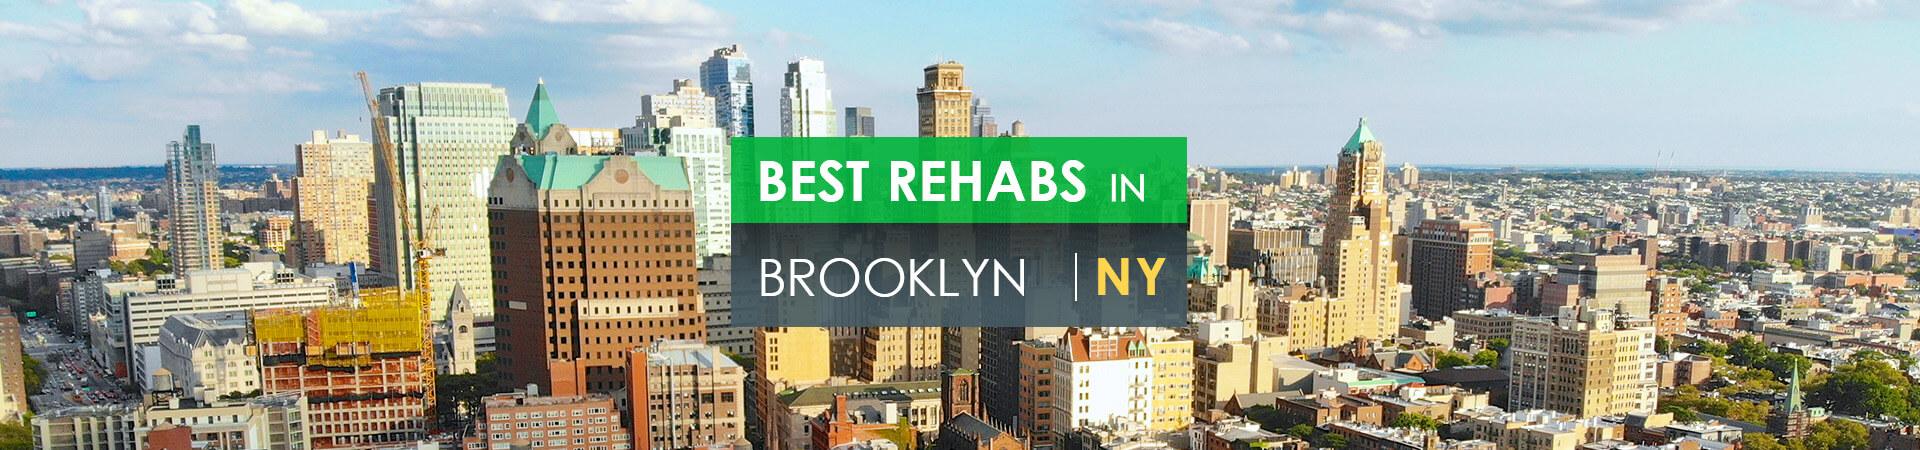 Best rehabs in Brooklyn, NY